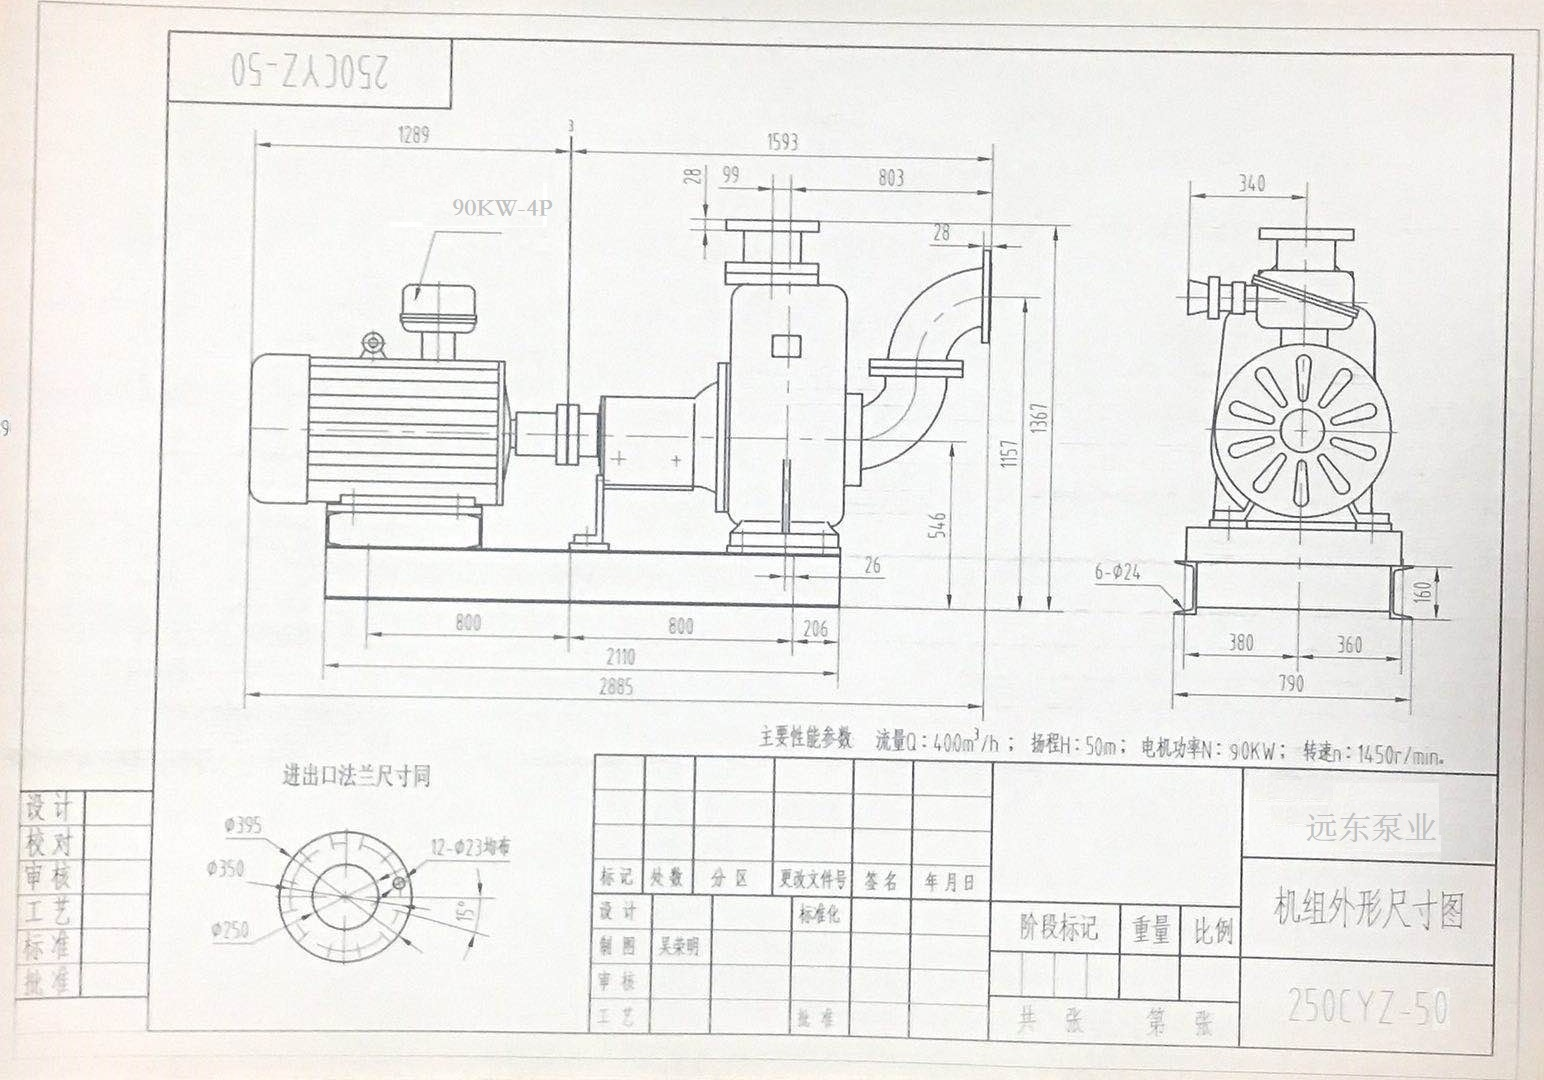 远东大流量250CYZ-50自吸油泵调试成功